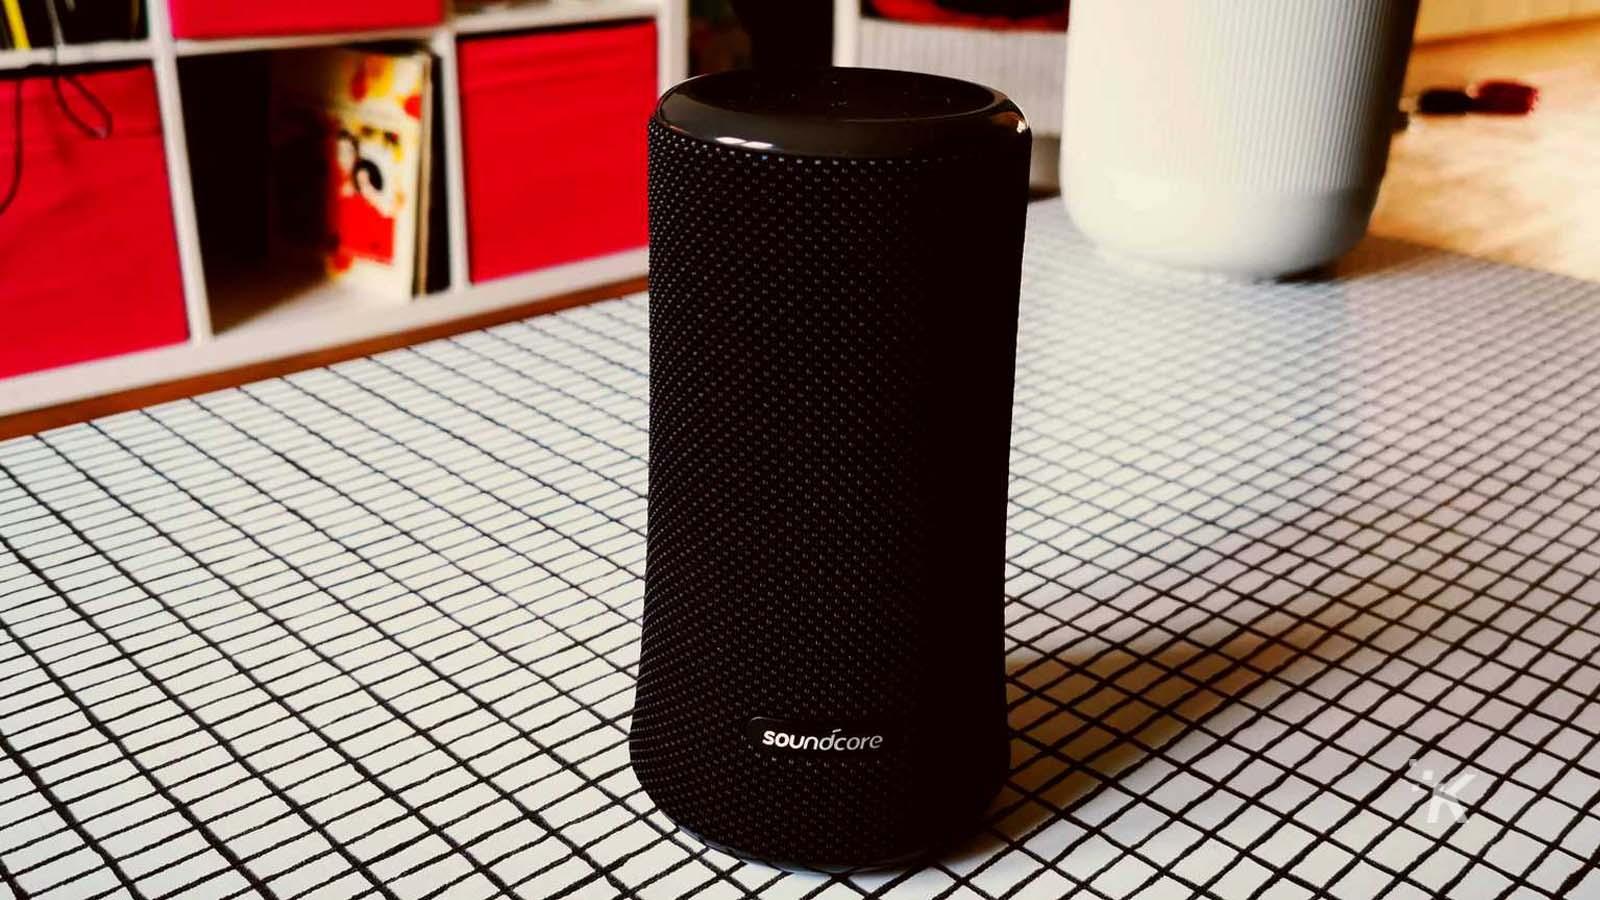 soundcore flare 2 speaker